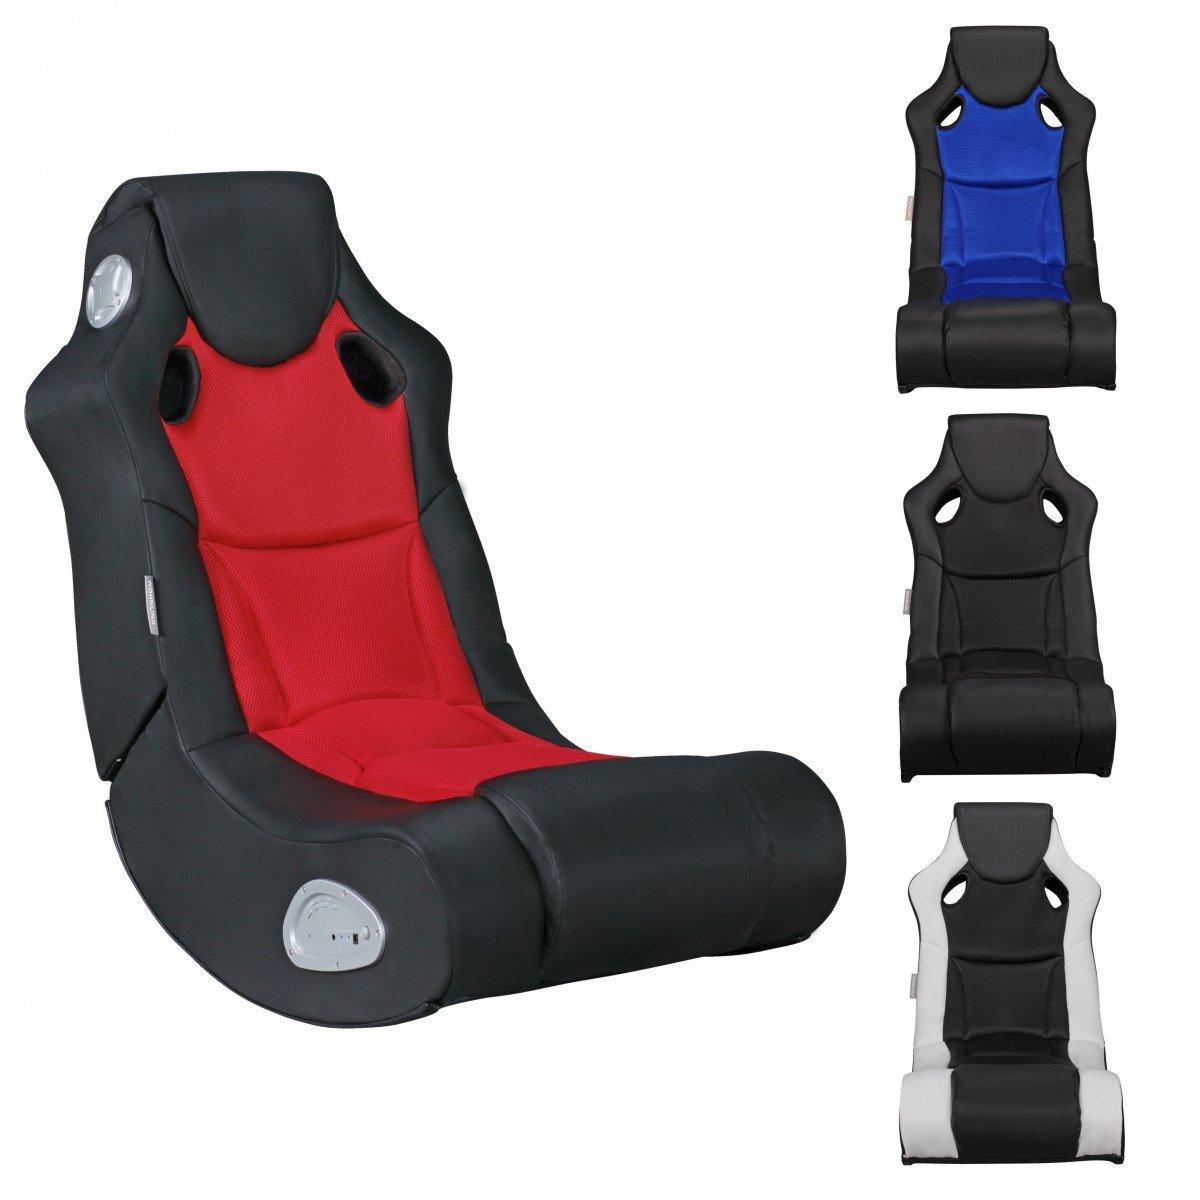 FineBuy SCOOT - Fauteuil multimédia fait de faux cuir | Chaise de jeu avec haut-parleurs et caisson de basses | Chaise